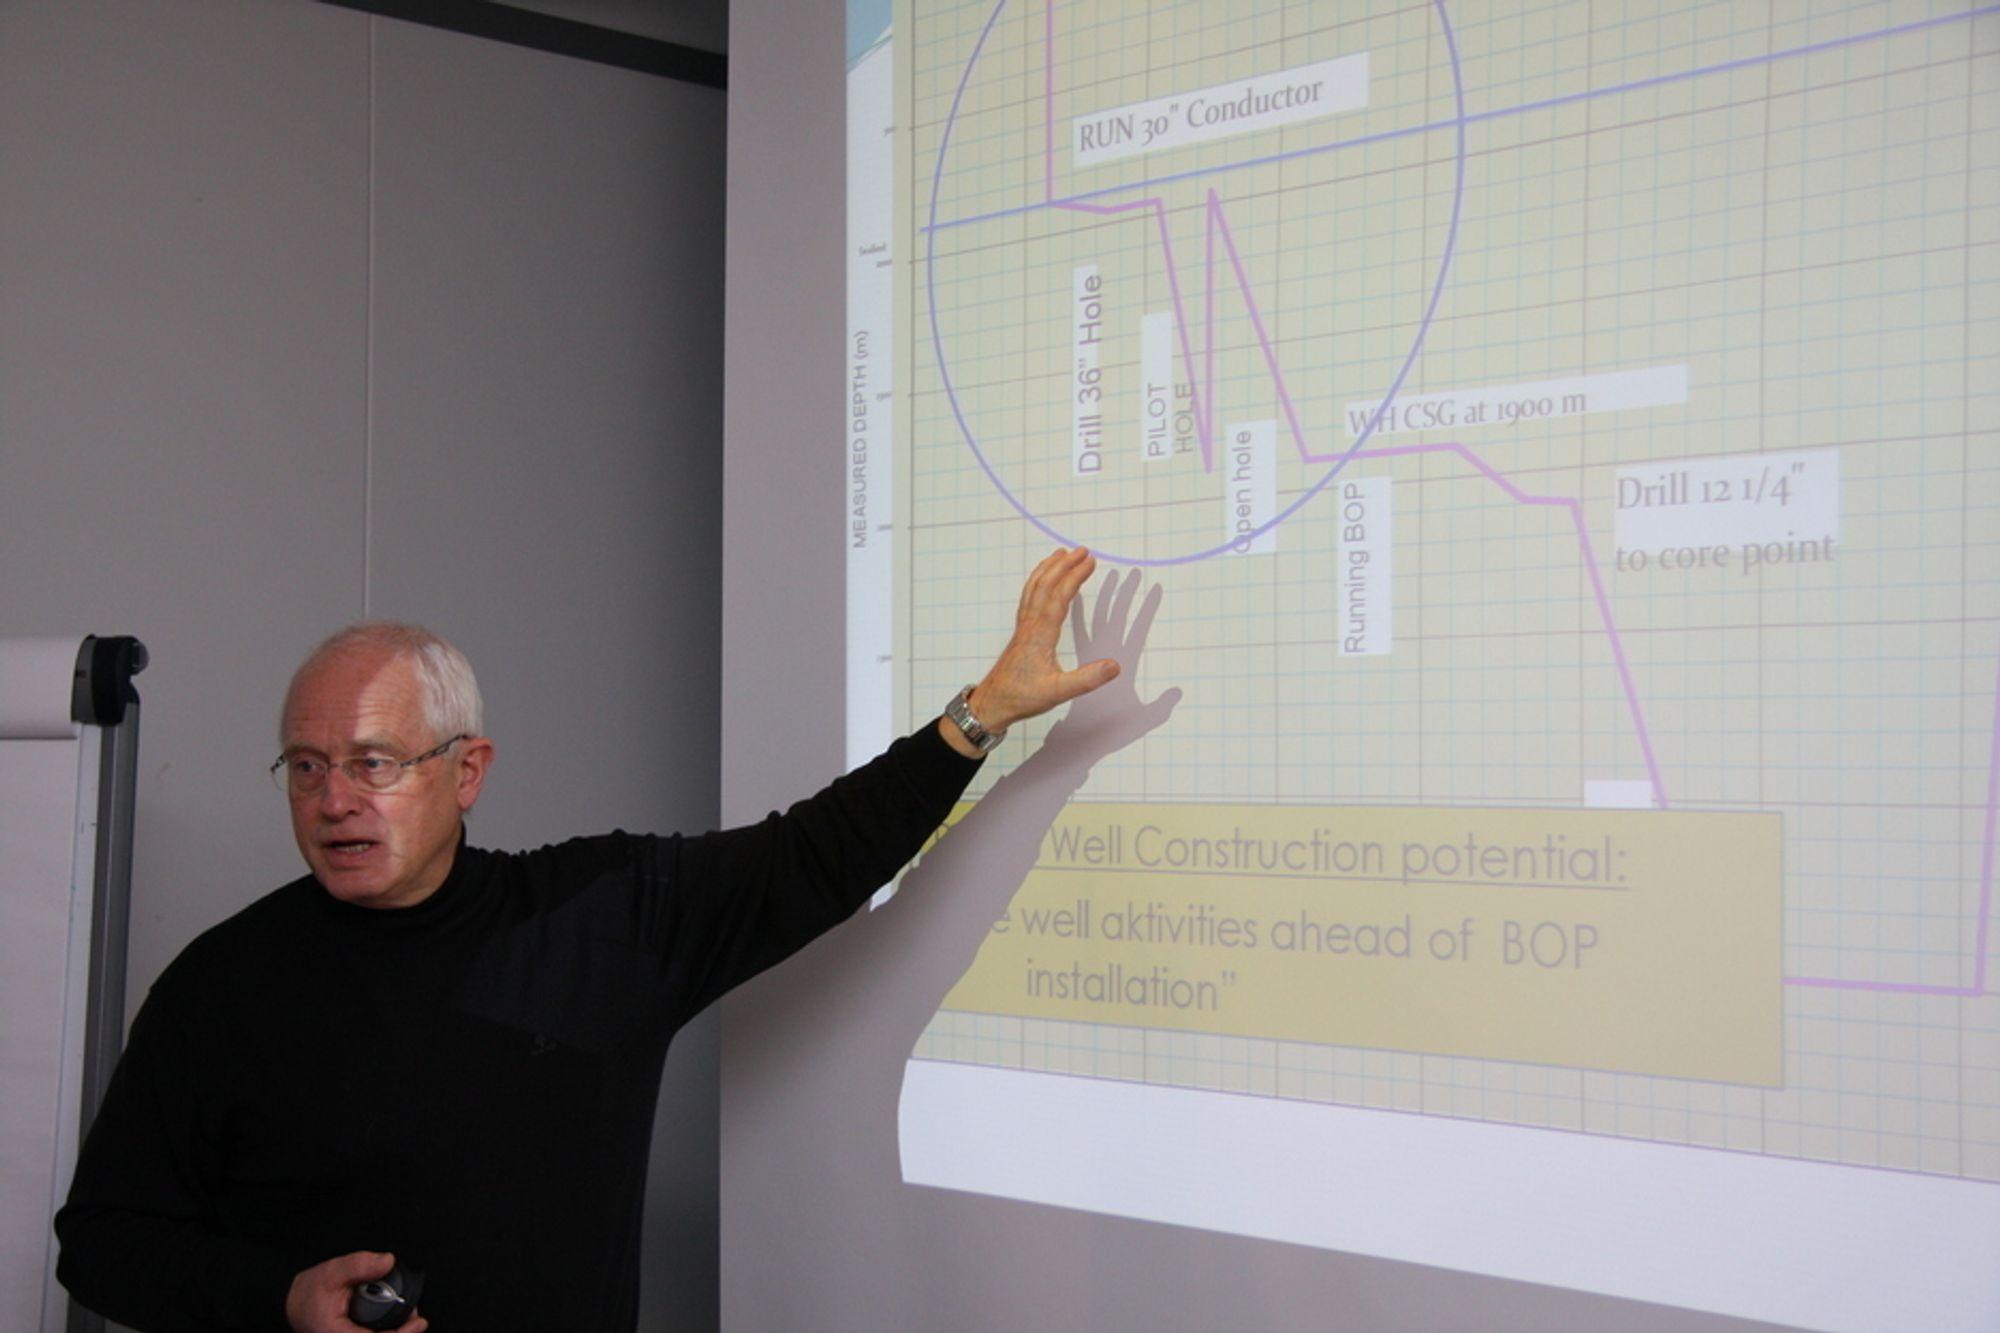 PENGER: Harald Strand forklarer hvordan CAN sparer tid og penger, blant annet ved å bruke offshorefartøy til installasjon i stedet for borerigger.